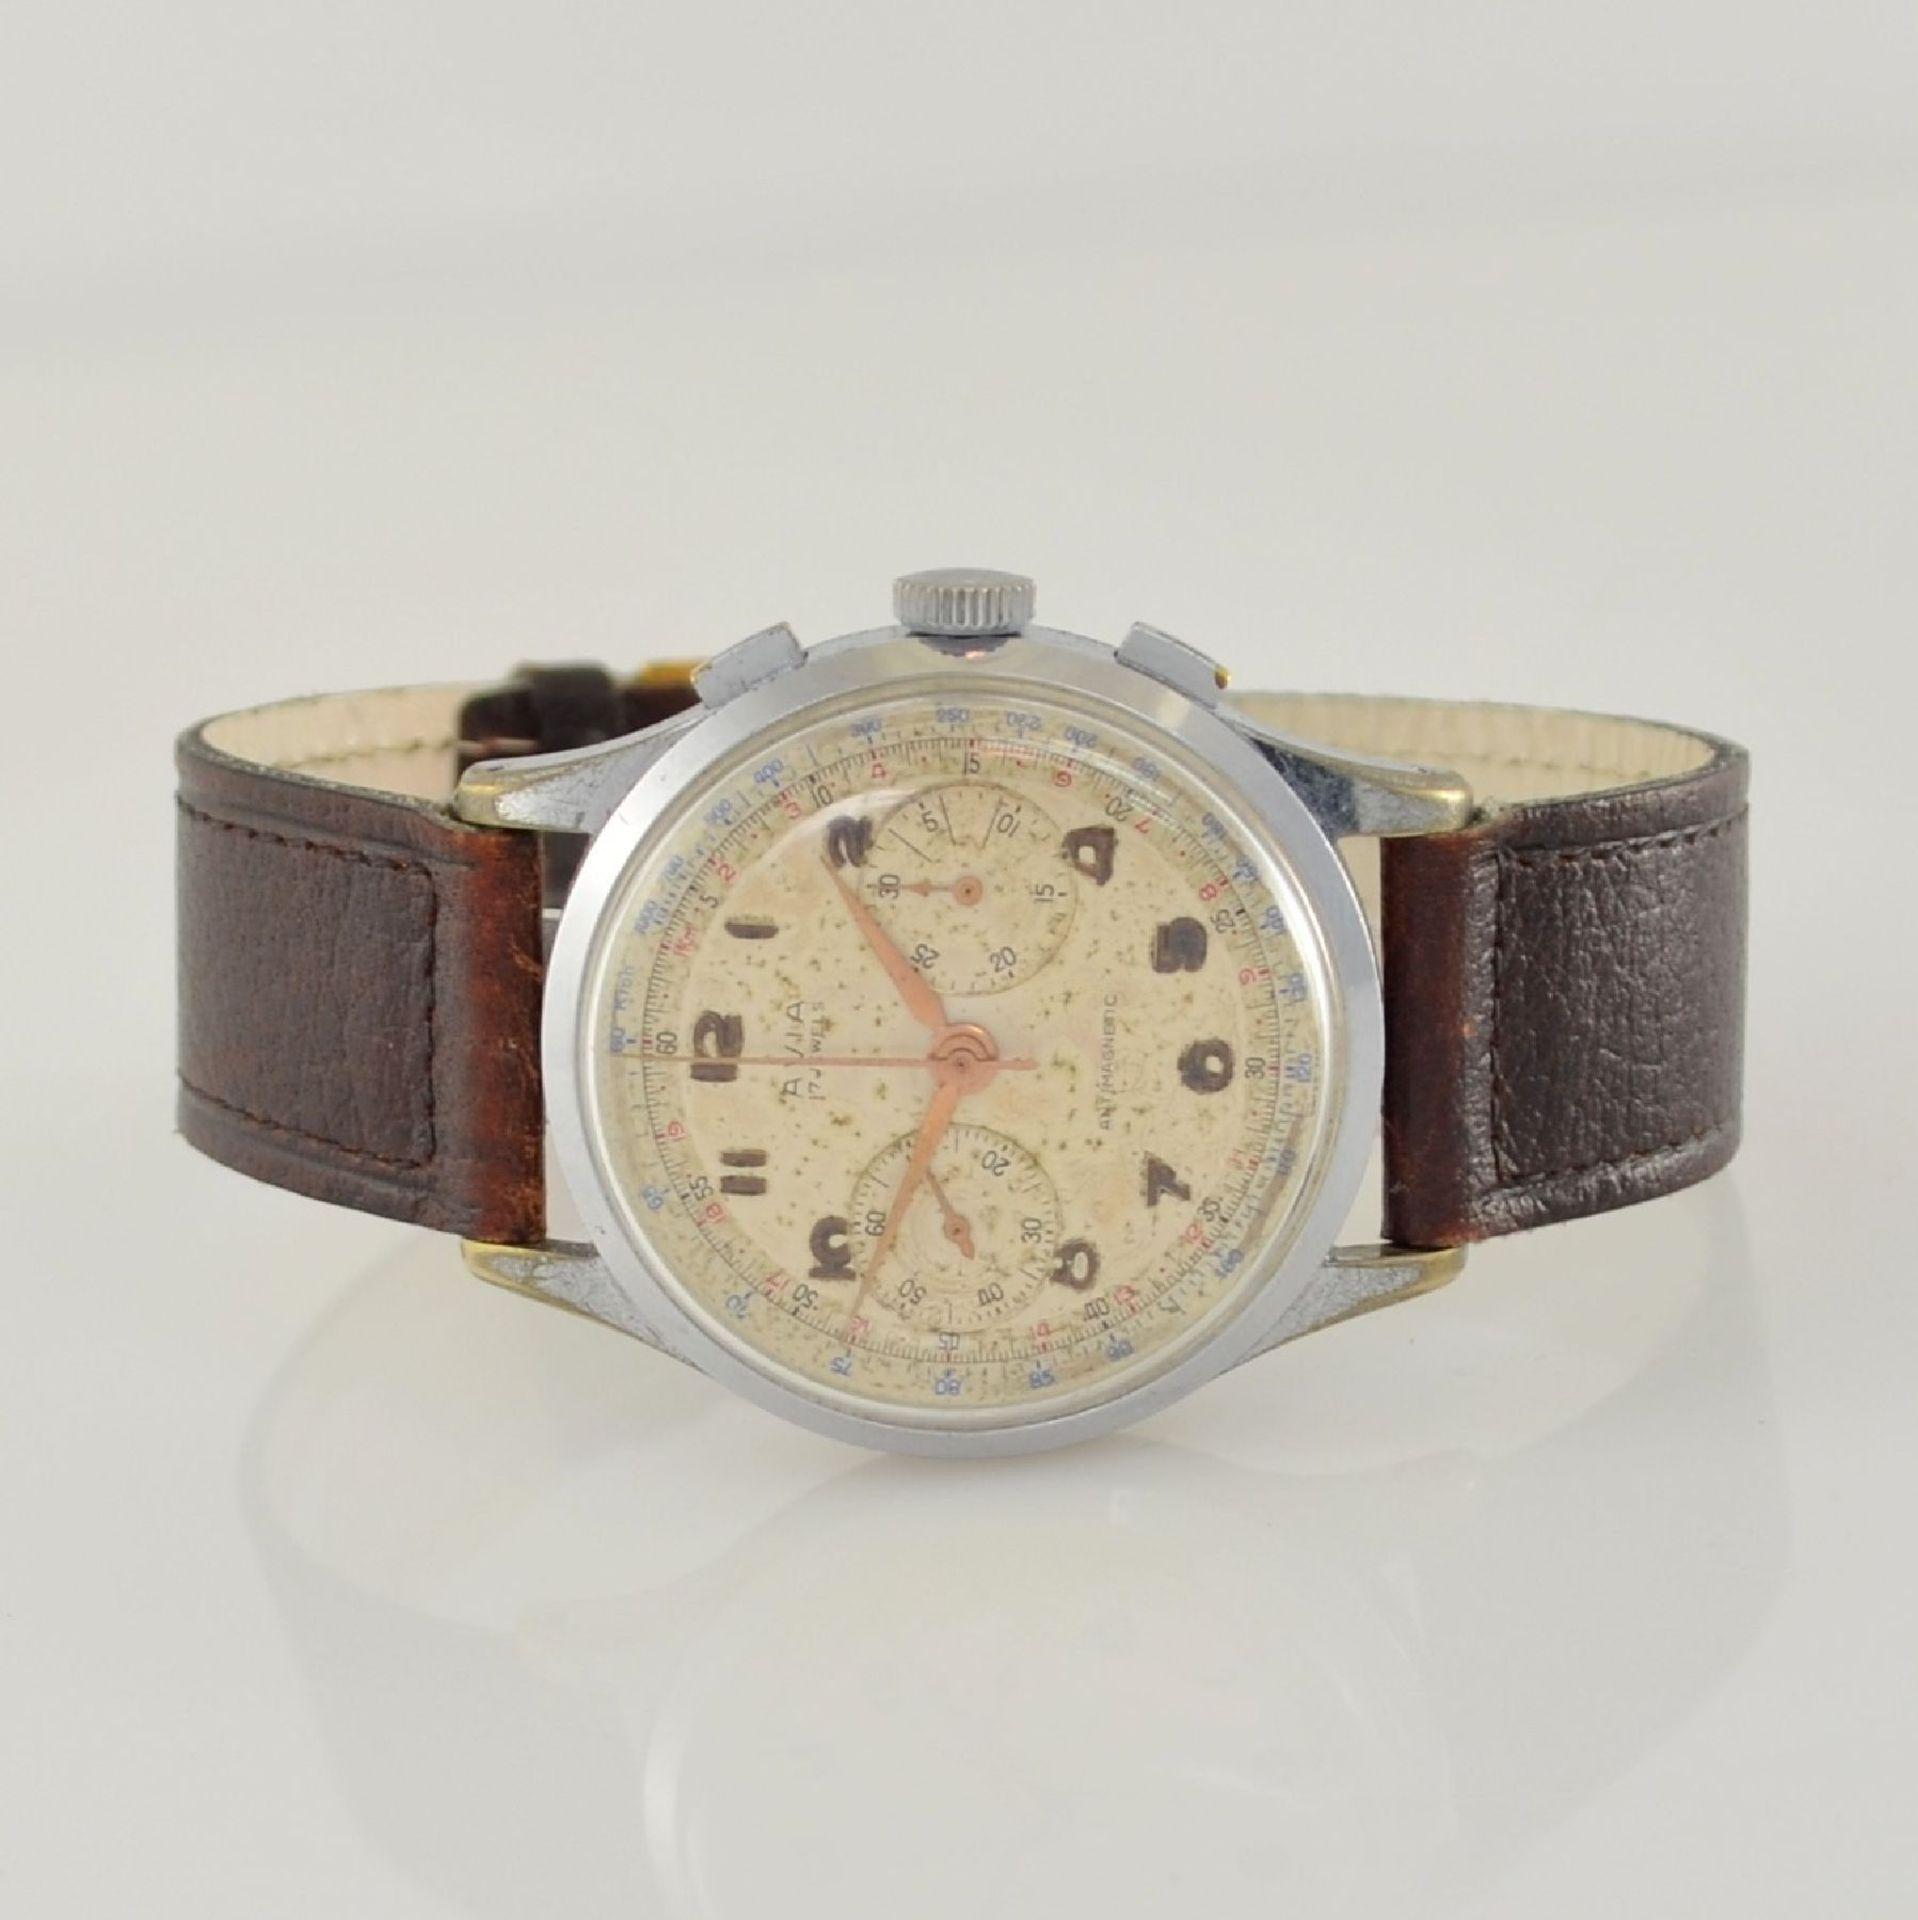 AVIA Armbandchronograph, Handaufzug, Schweiz für den dtsch. Markt um 1940, verchr. Metallgeh.